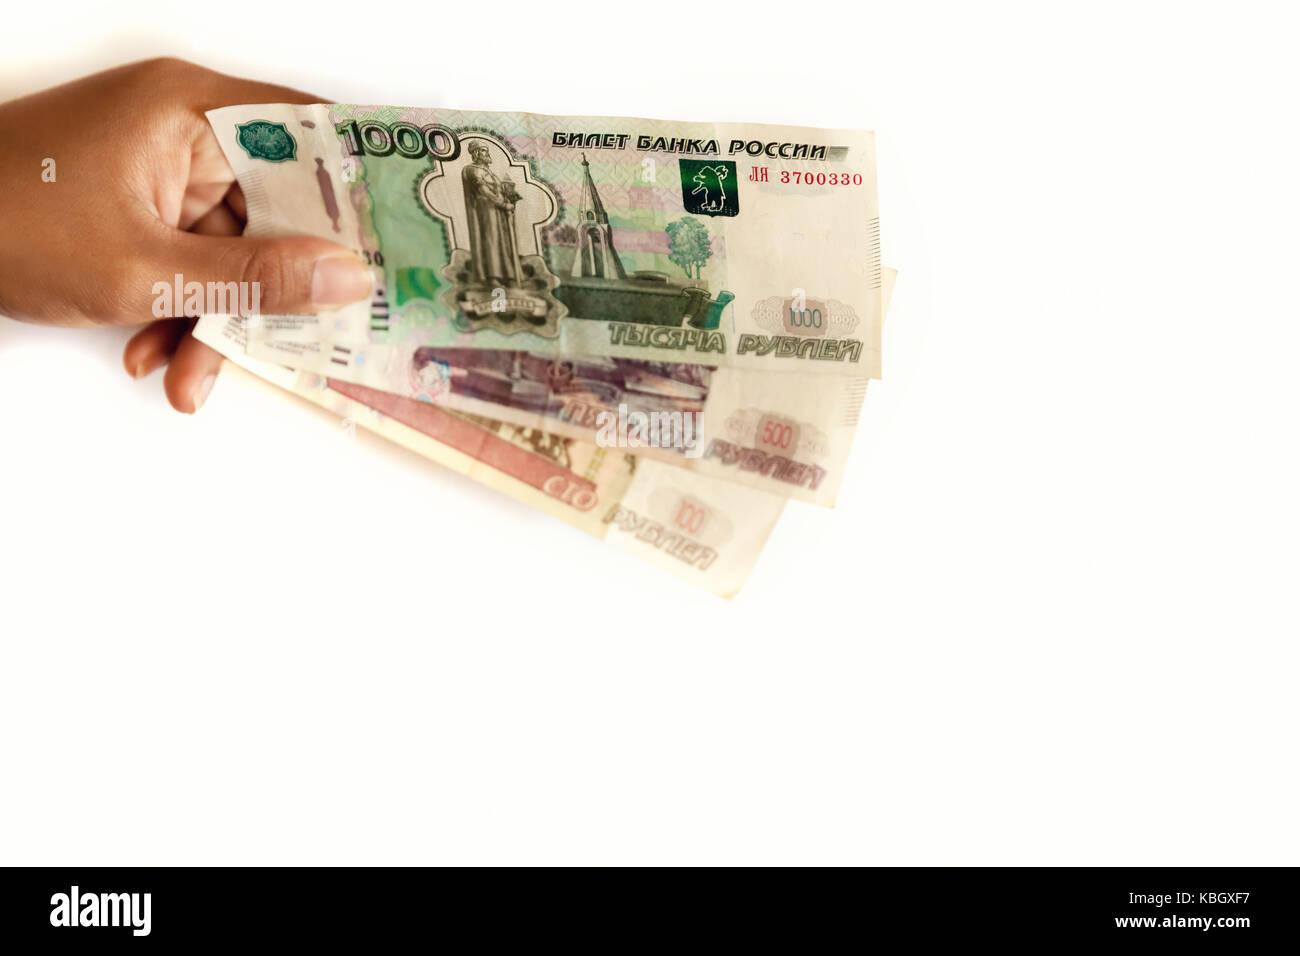 6cf76ed73e Il russo soldi in mano la gente, rublo russo isolato su sfondo bianco.  corrompere